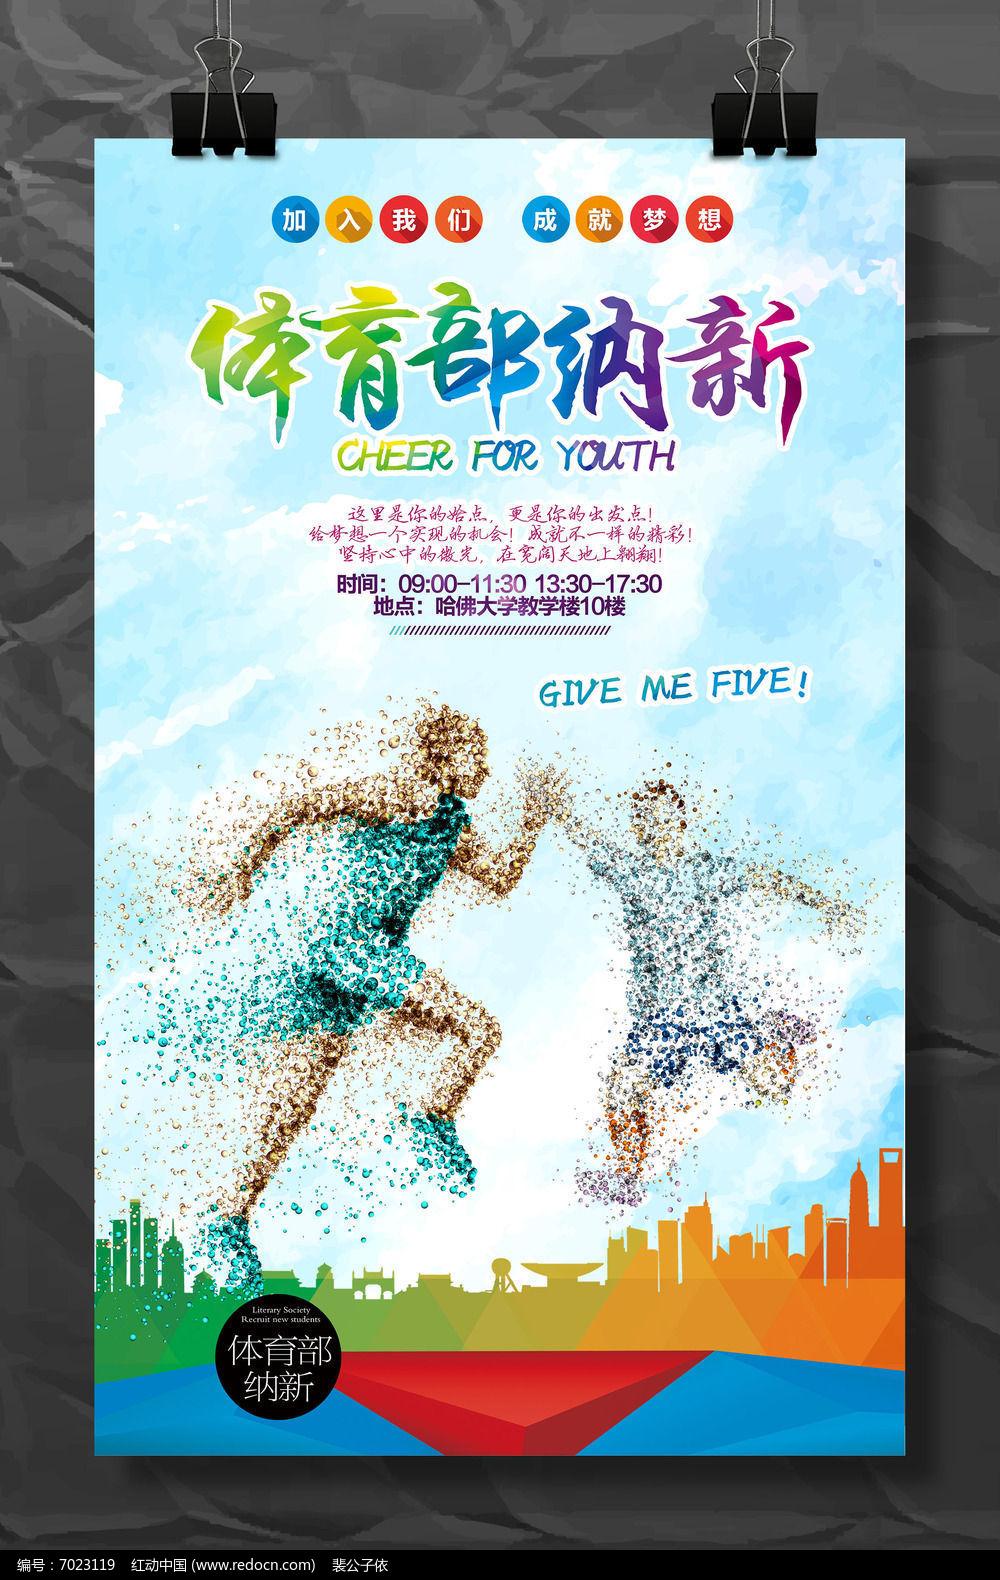 体育部招新宣传语_大学体育部纳新海报设计_红动网